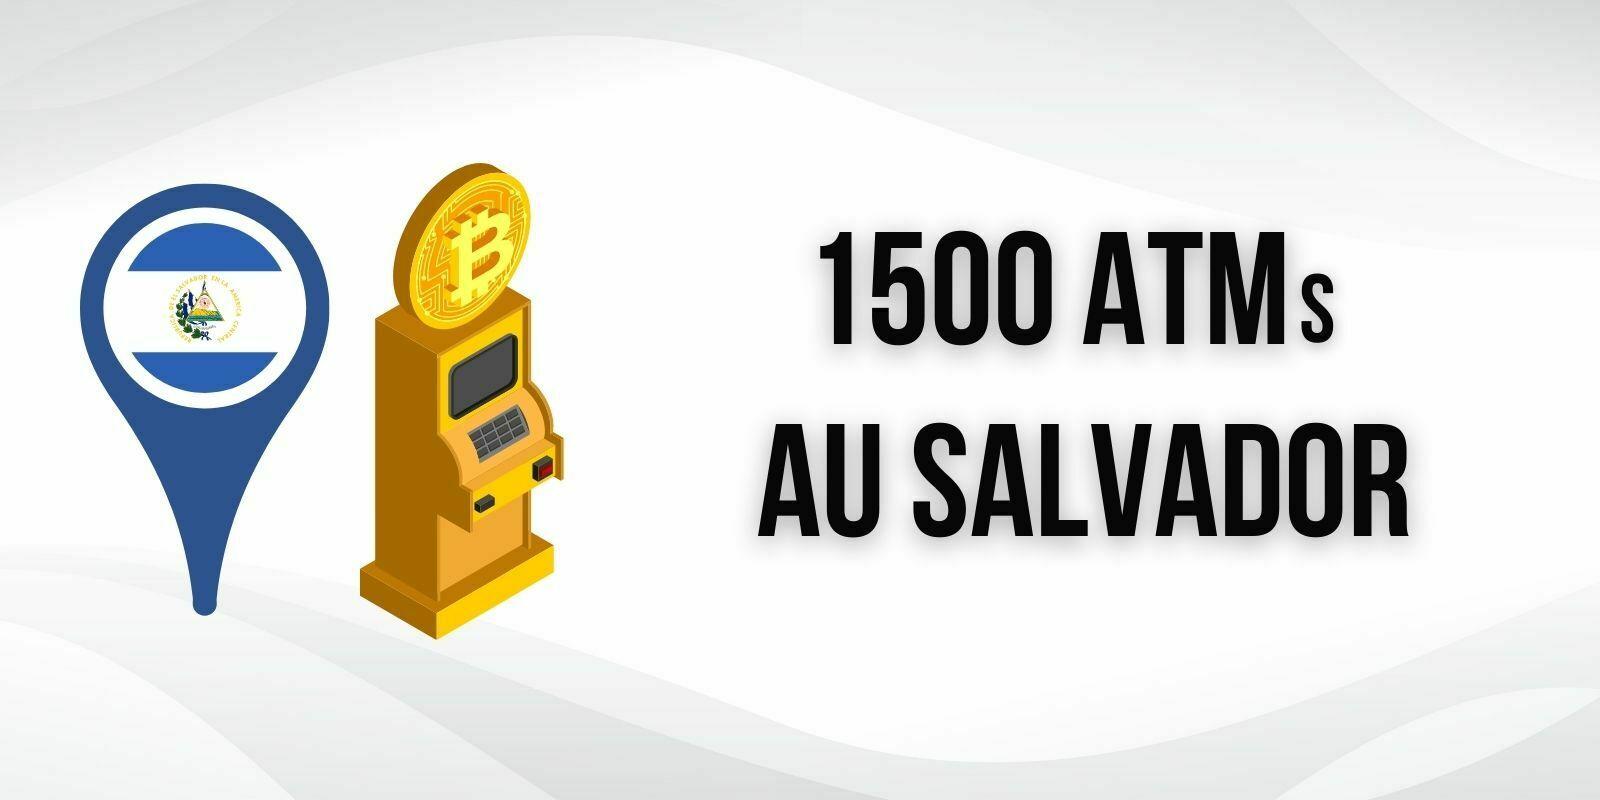 L'opérateur Athena va installer 1500 ATMs Bitcoin (BTC) au Salvador